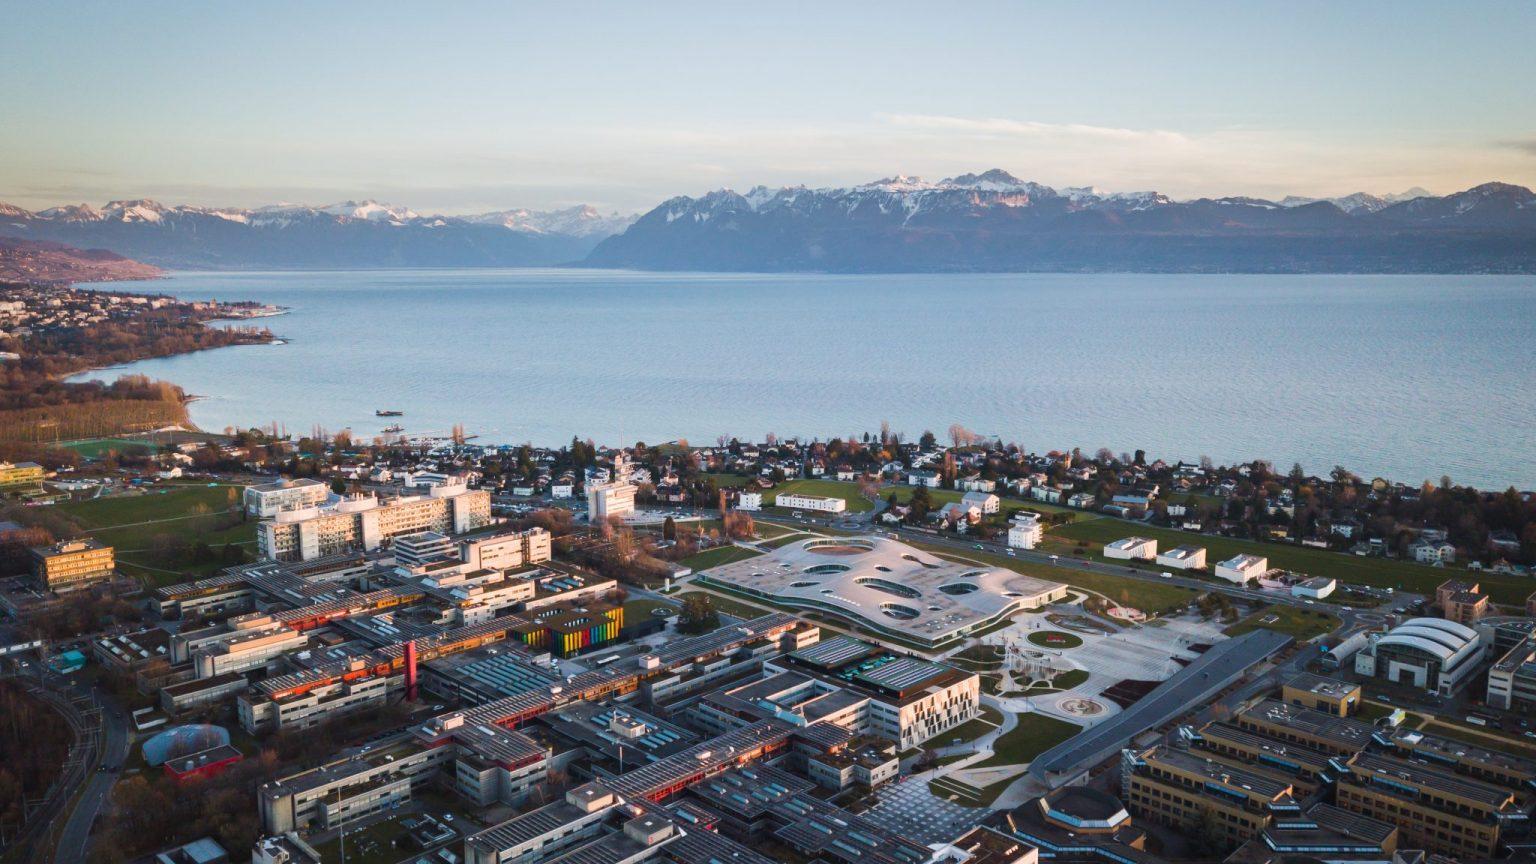 Vue aérienne de l'EPFL et du Léman © Jamani Caillet / EPFL 2020